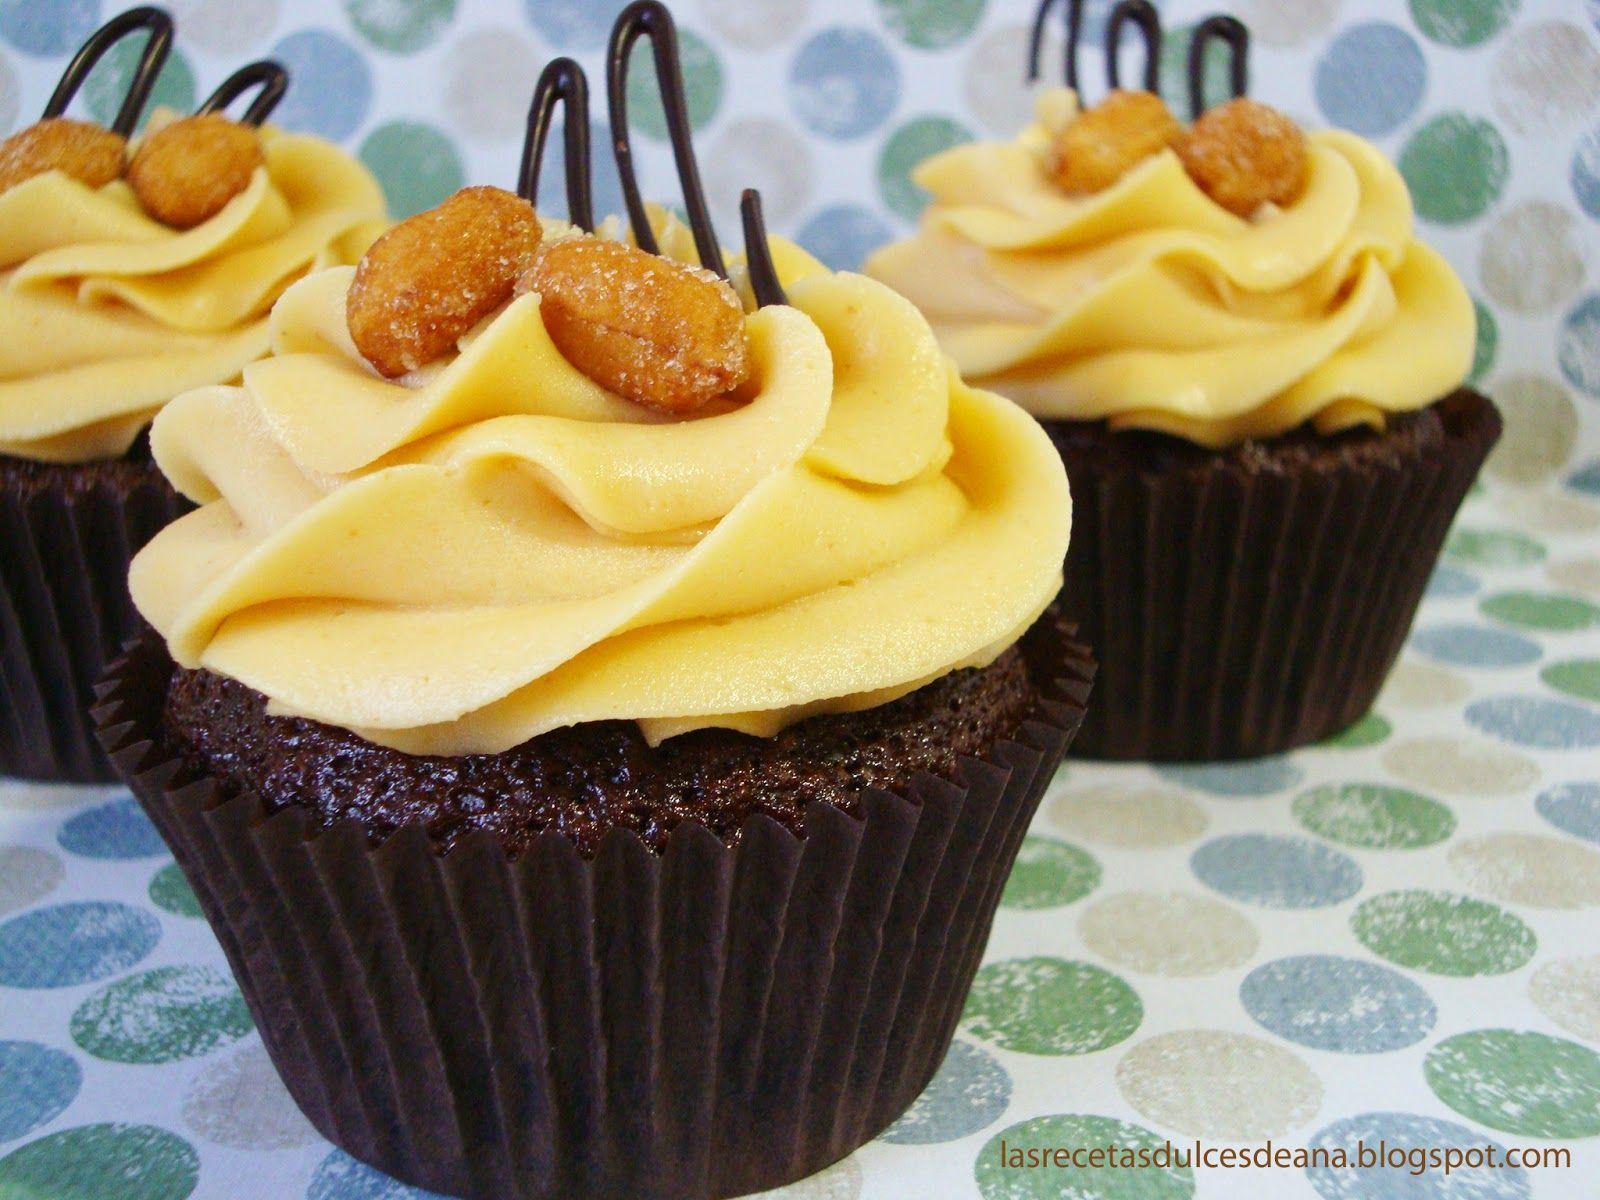 Las recetas dulces de Ana: Cupcakes de chocolate y crema de cacahuete